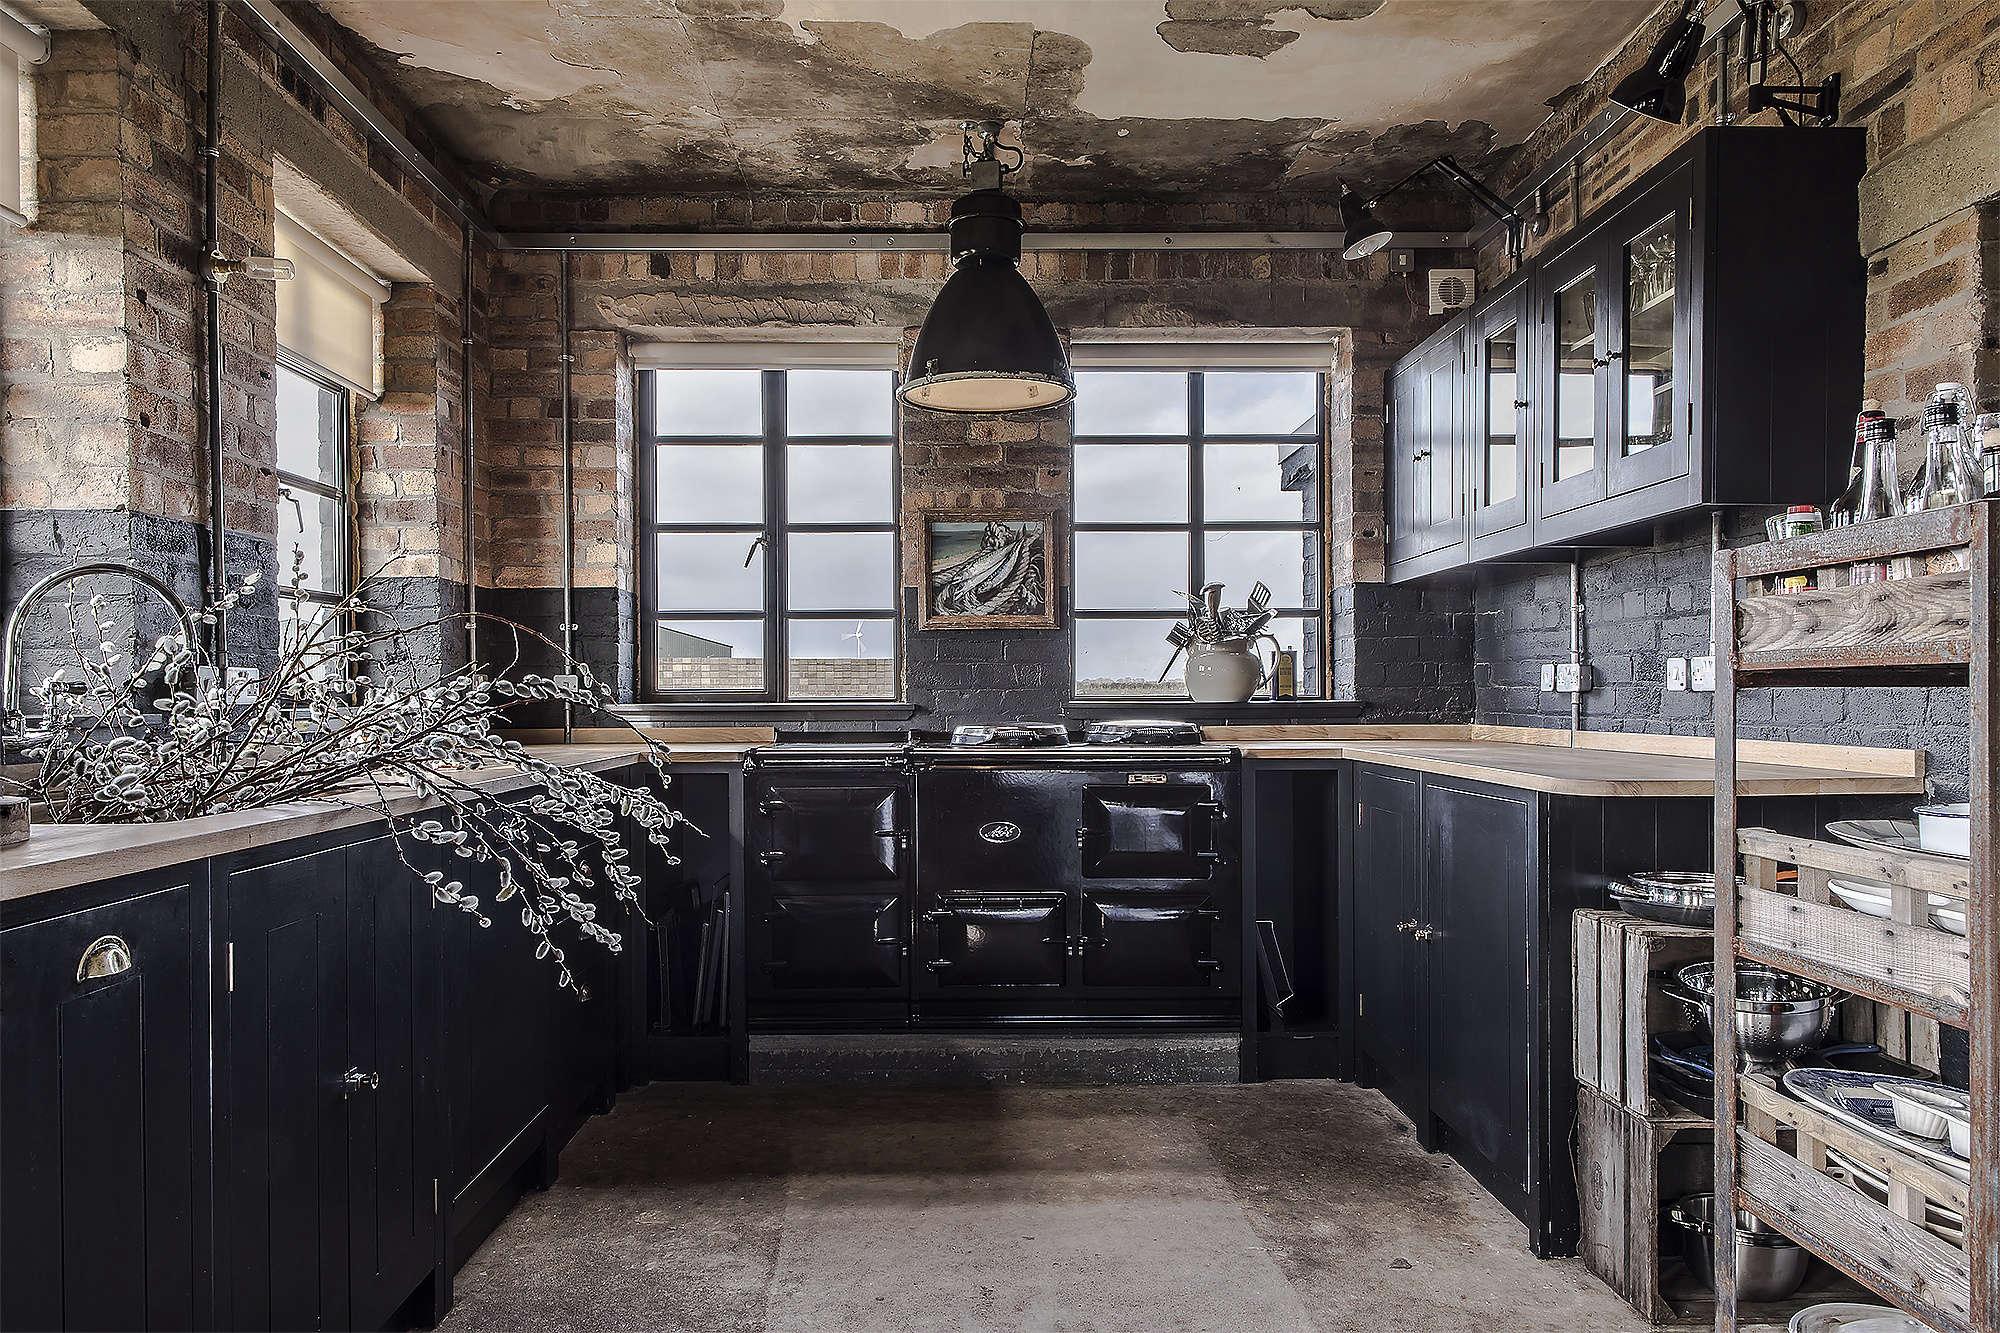 The Hms Owl Black Kitchen By British Standard